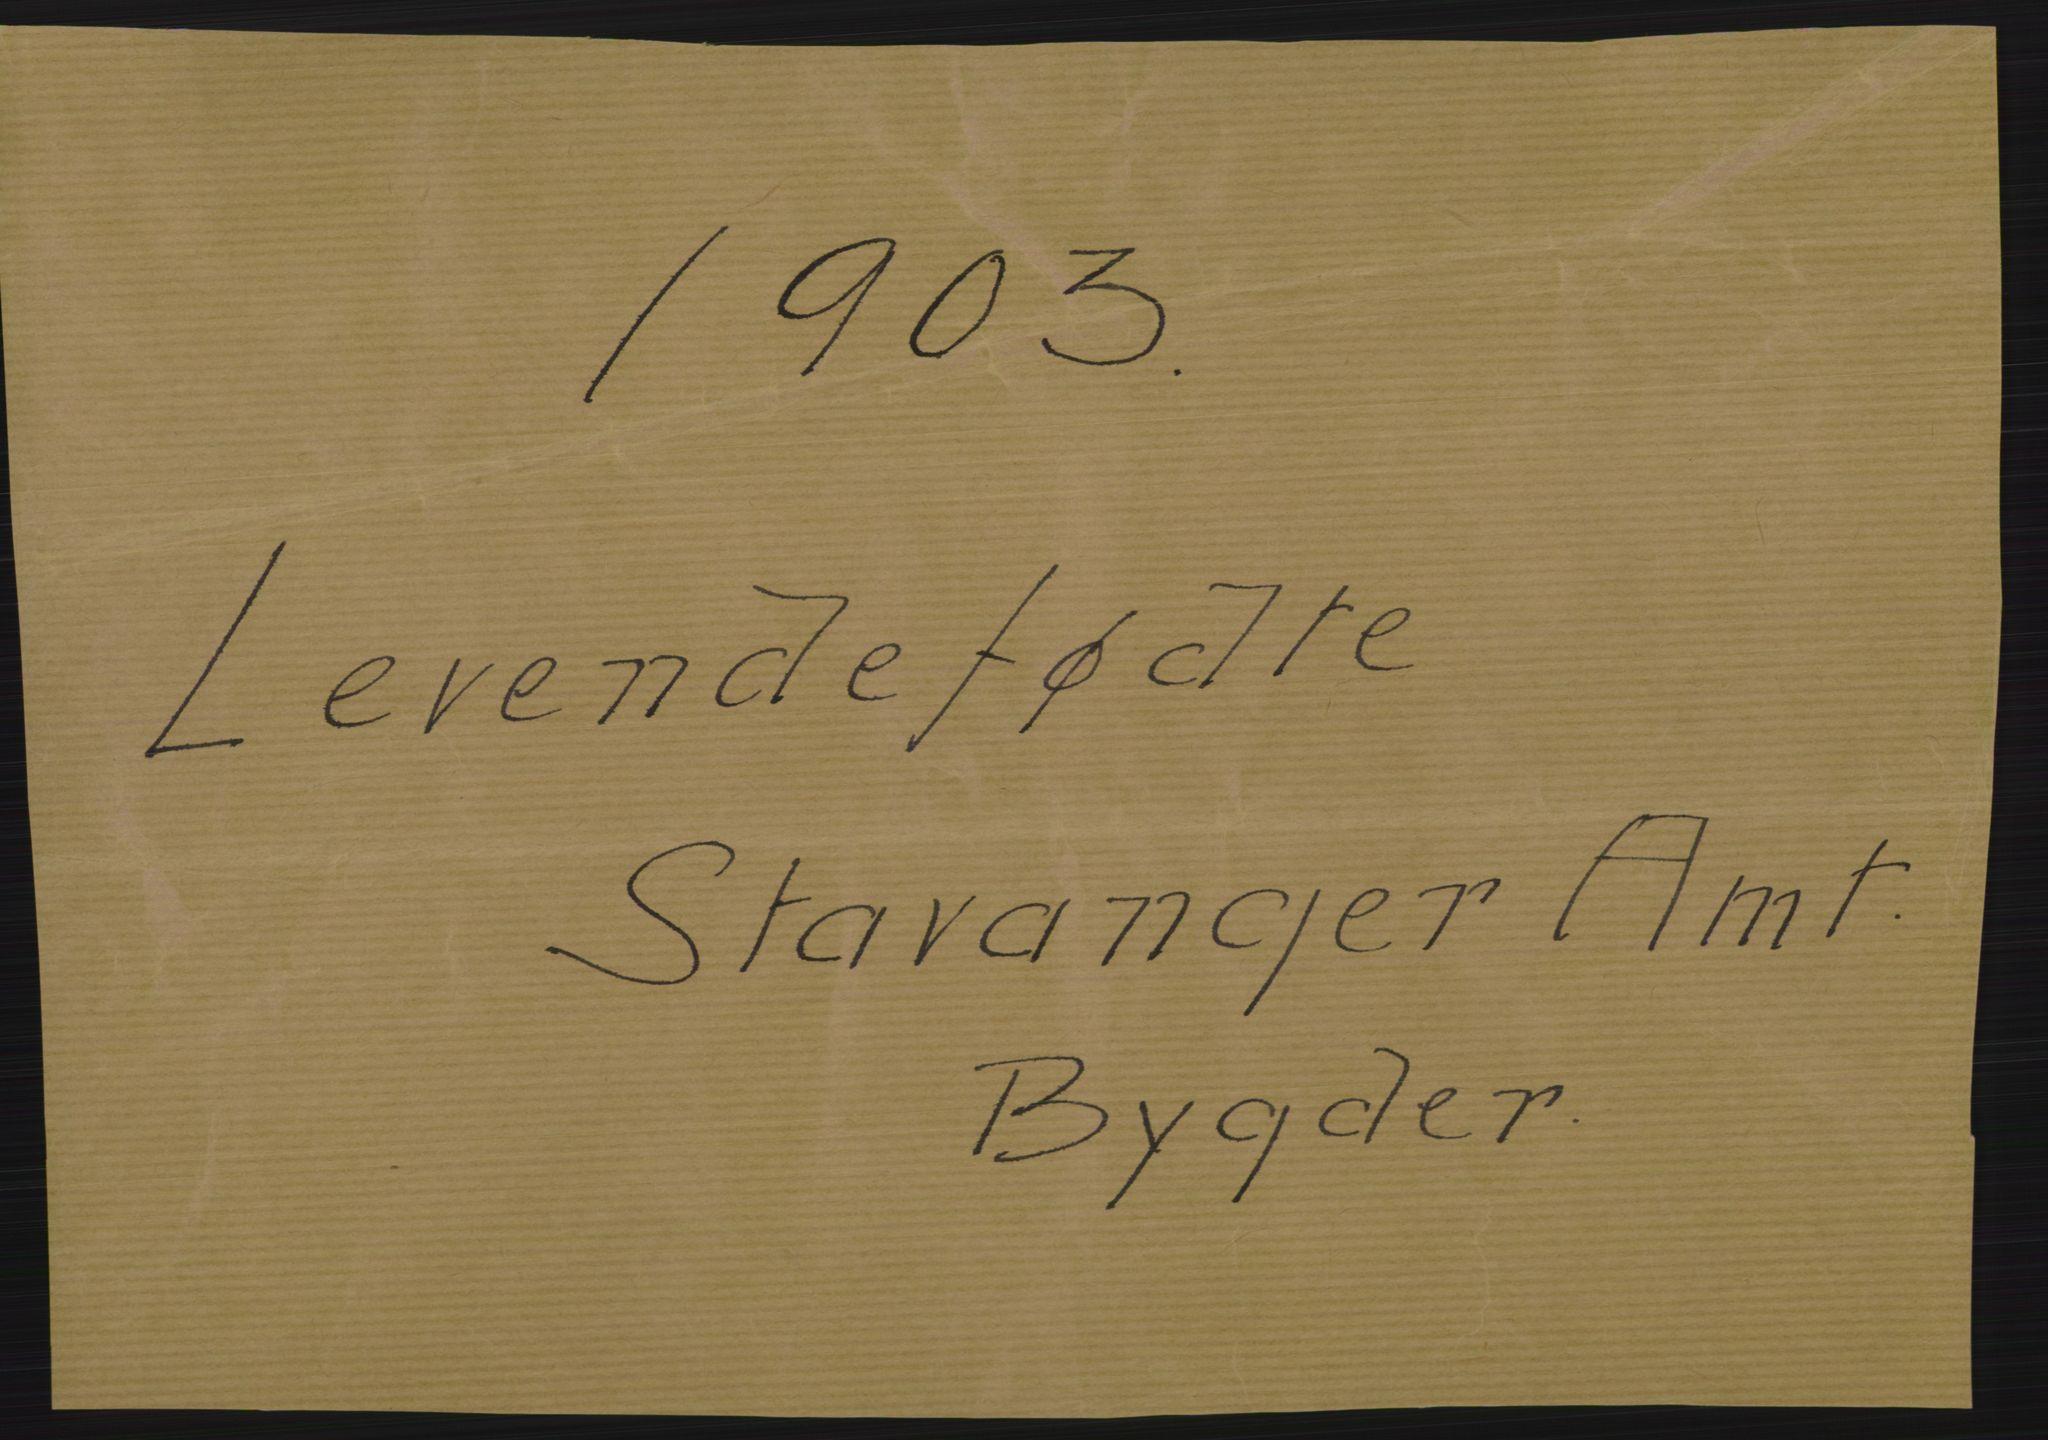 RA, Statistisk sentralbyrå, Sosiodemografiske emner, Befolkning, D/Df/Dfa/Dfaa/L0012: Stavanger amt: Fødte, gifte, døde, 1903